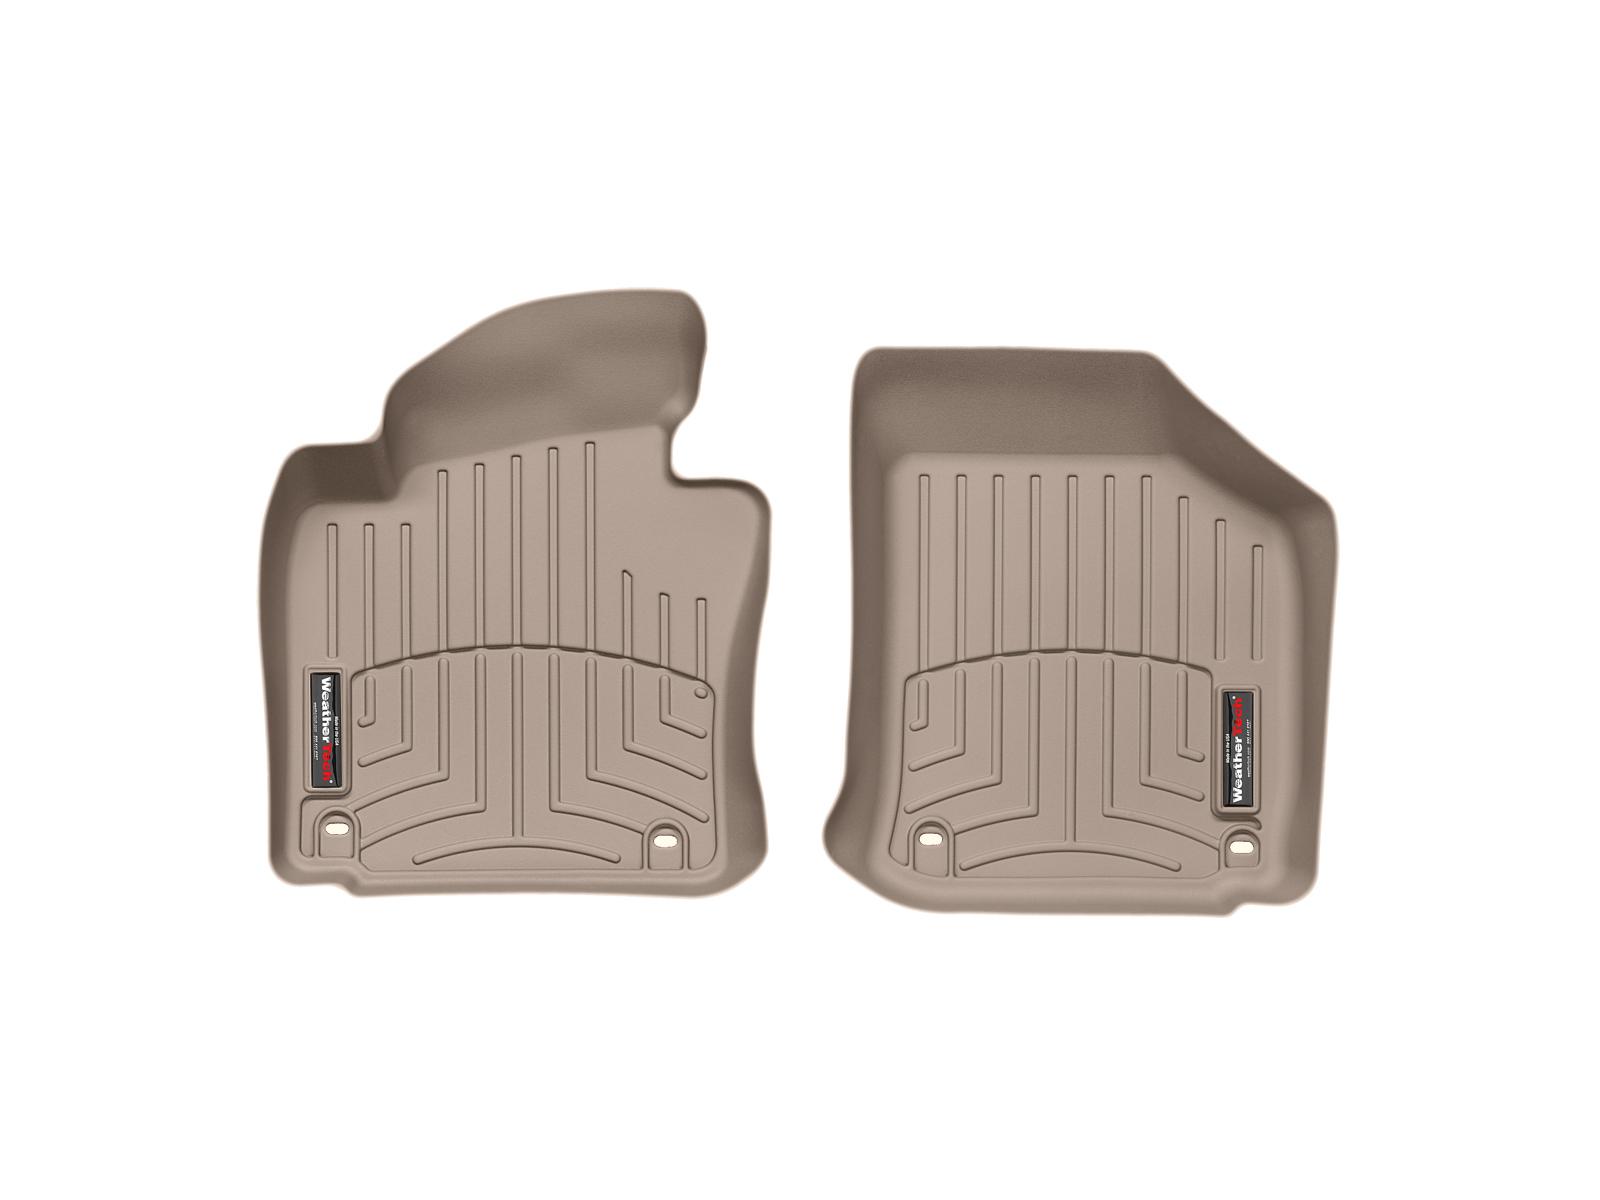 Tappeti gomma su misura bordo alto Volkswagen Golf 03>03 Marrone A4021*